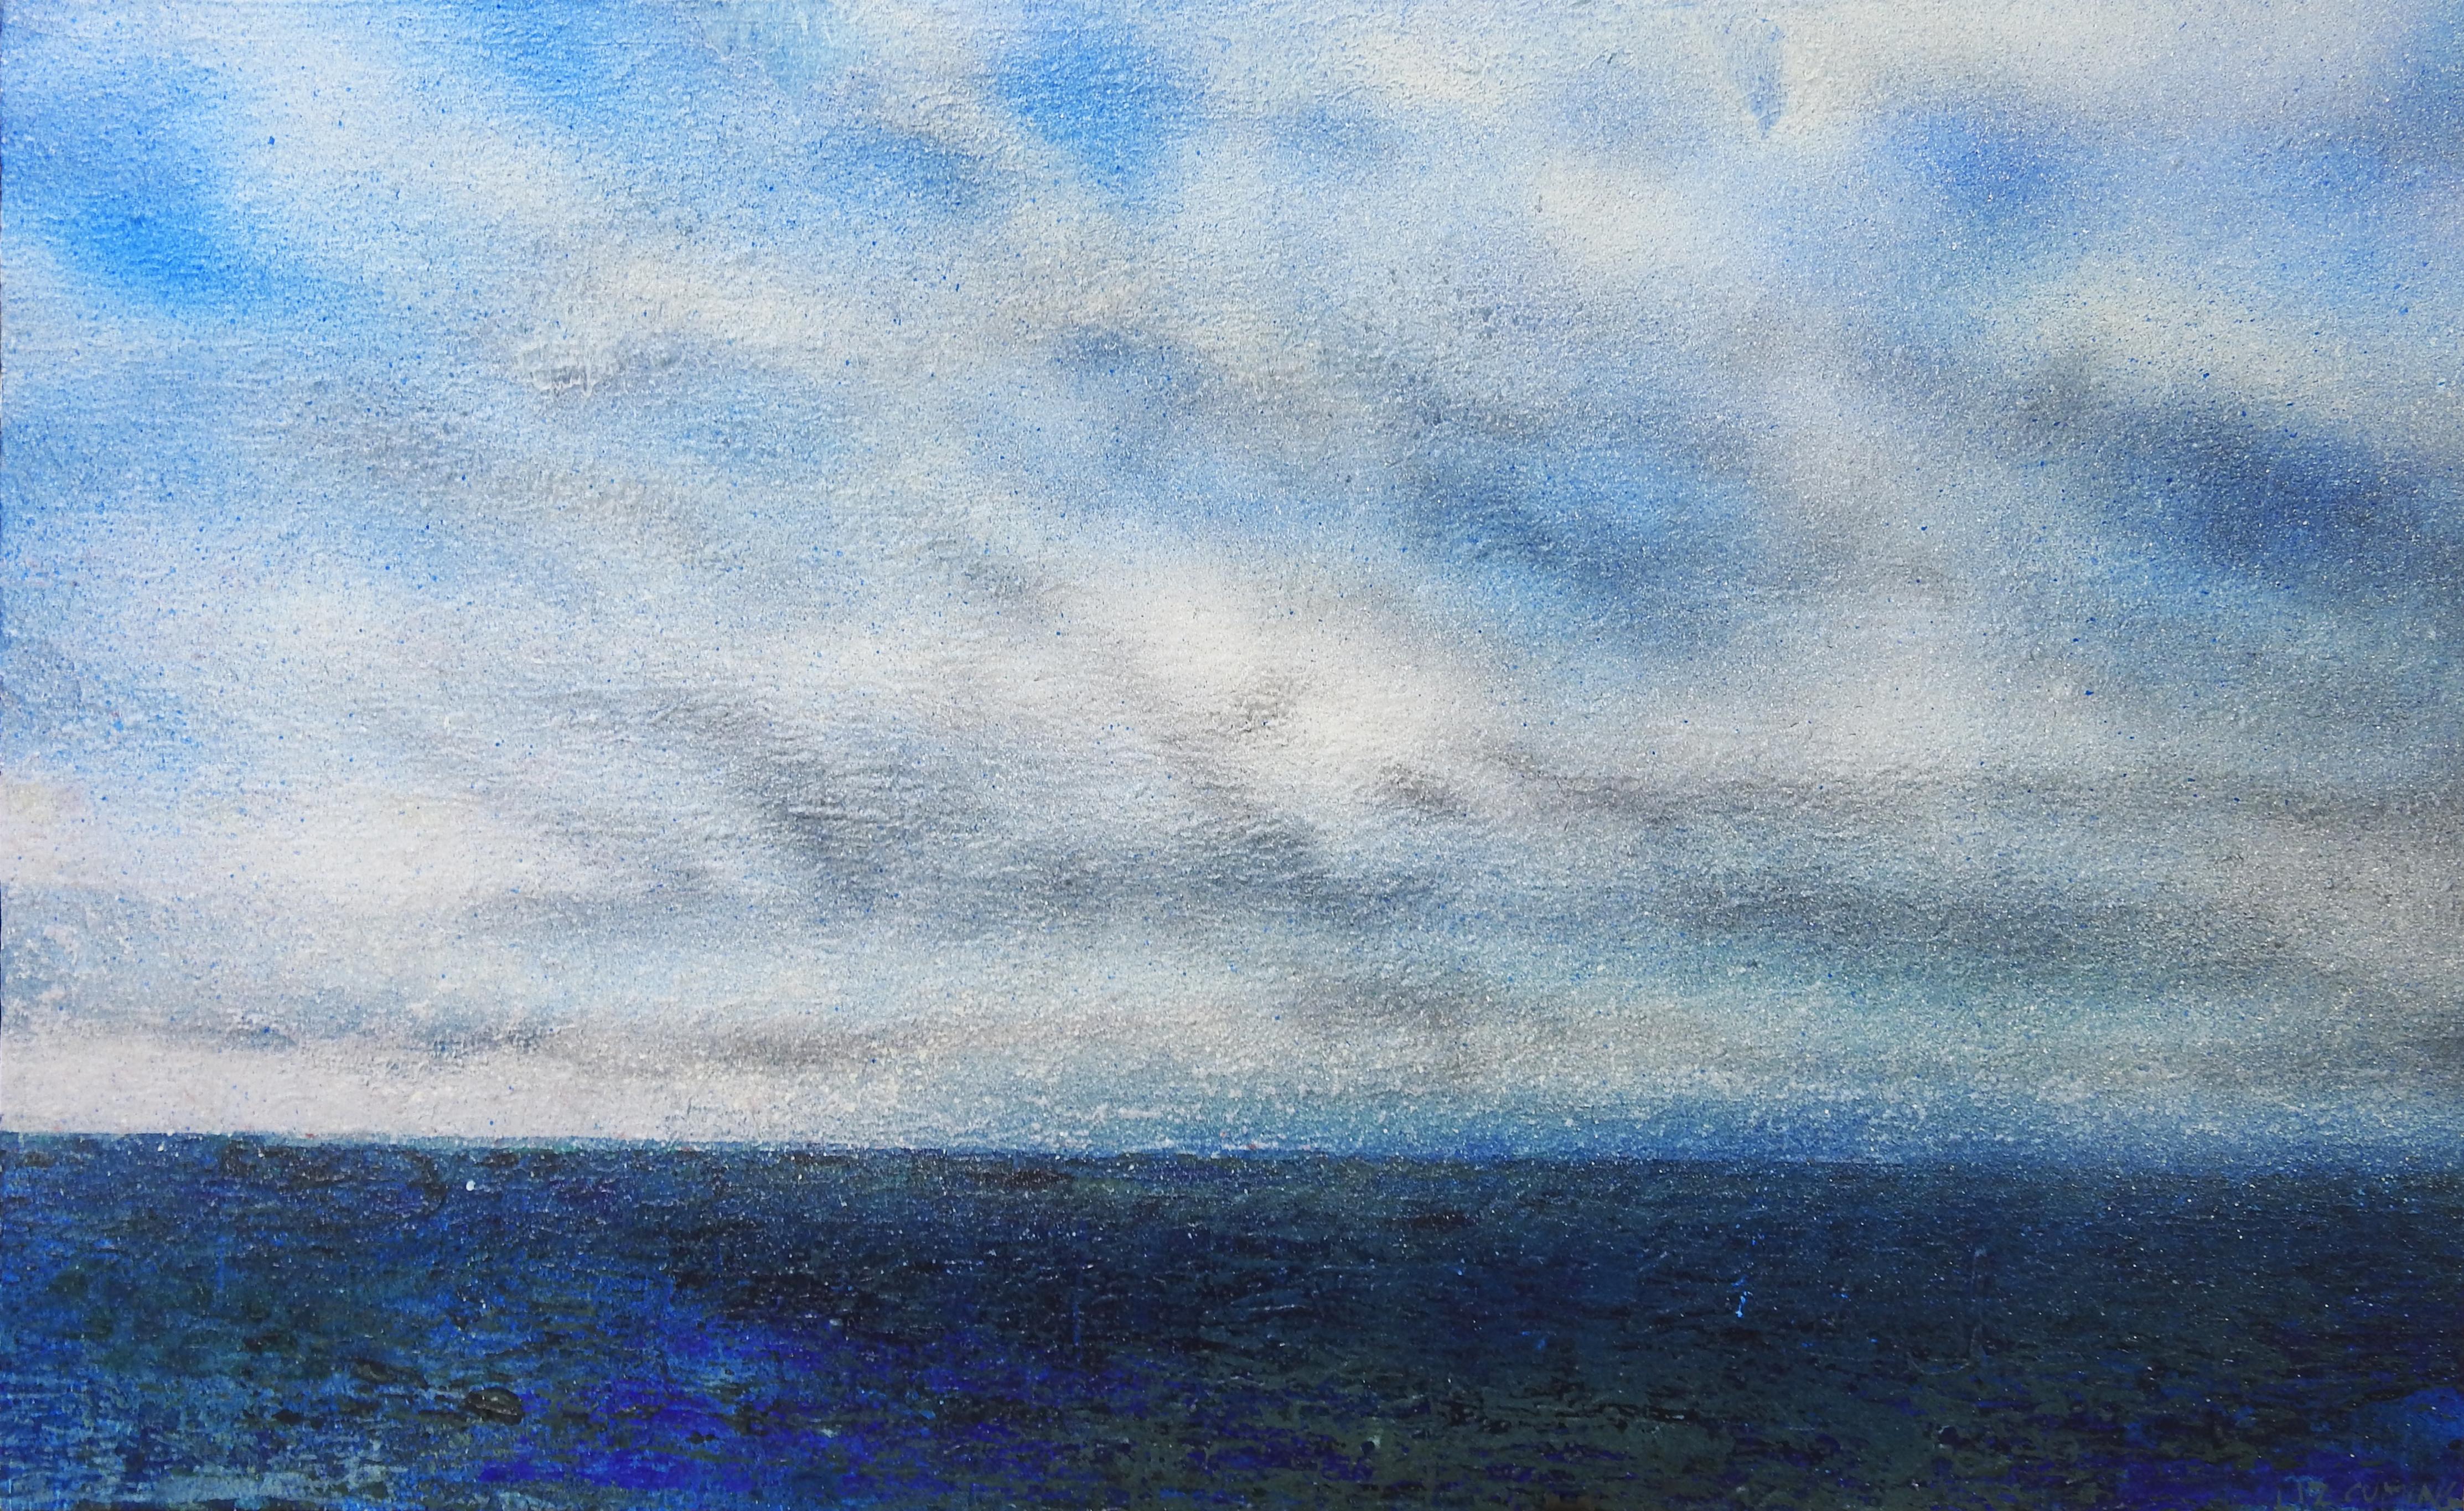 Adrift.2016.91x152